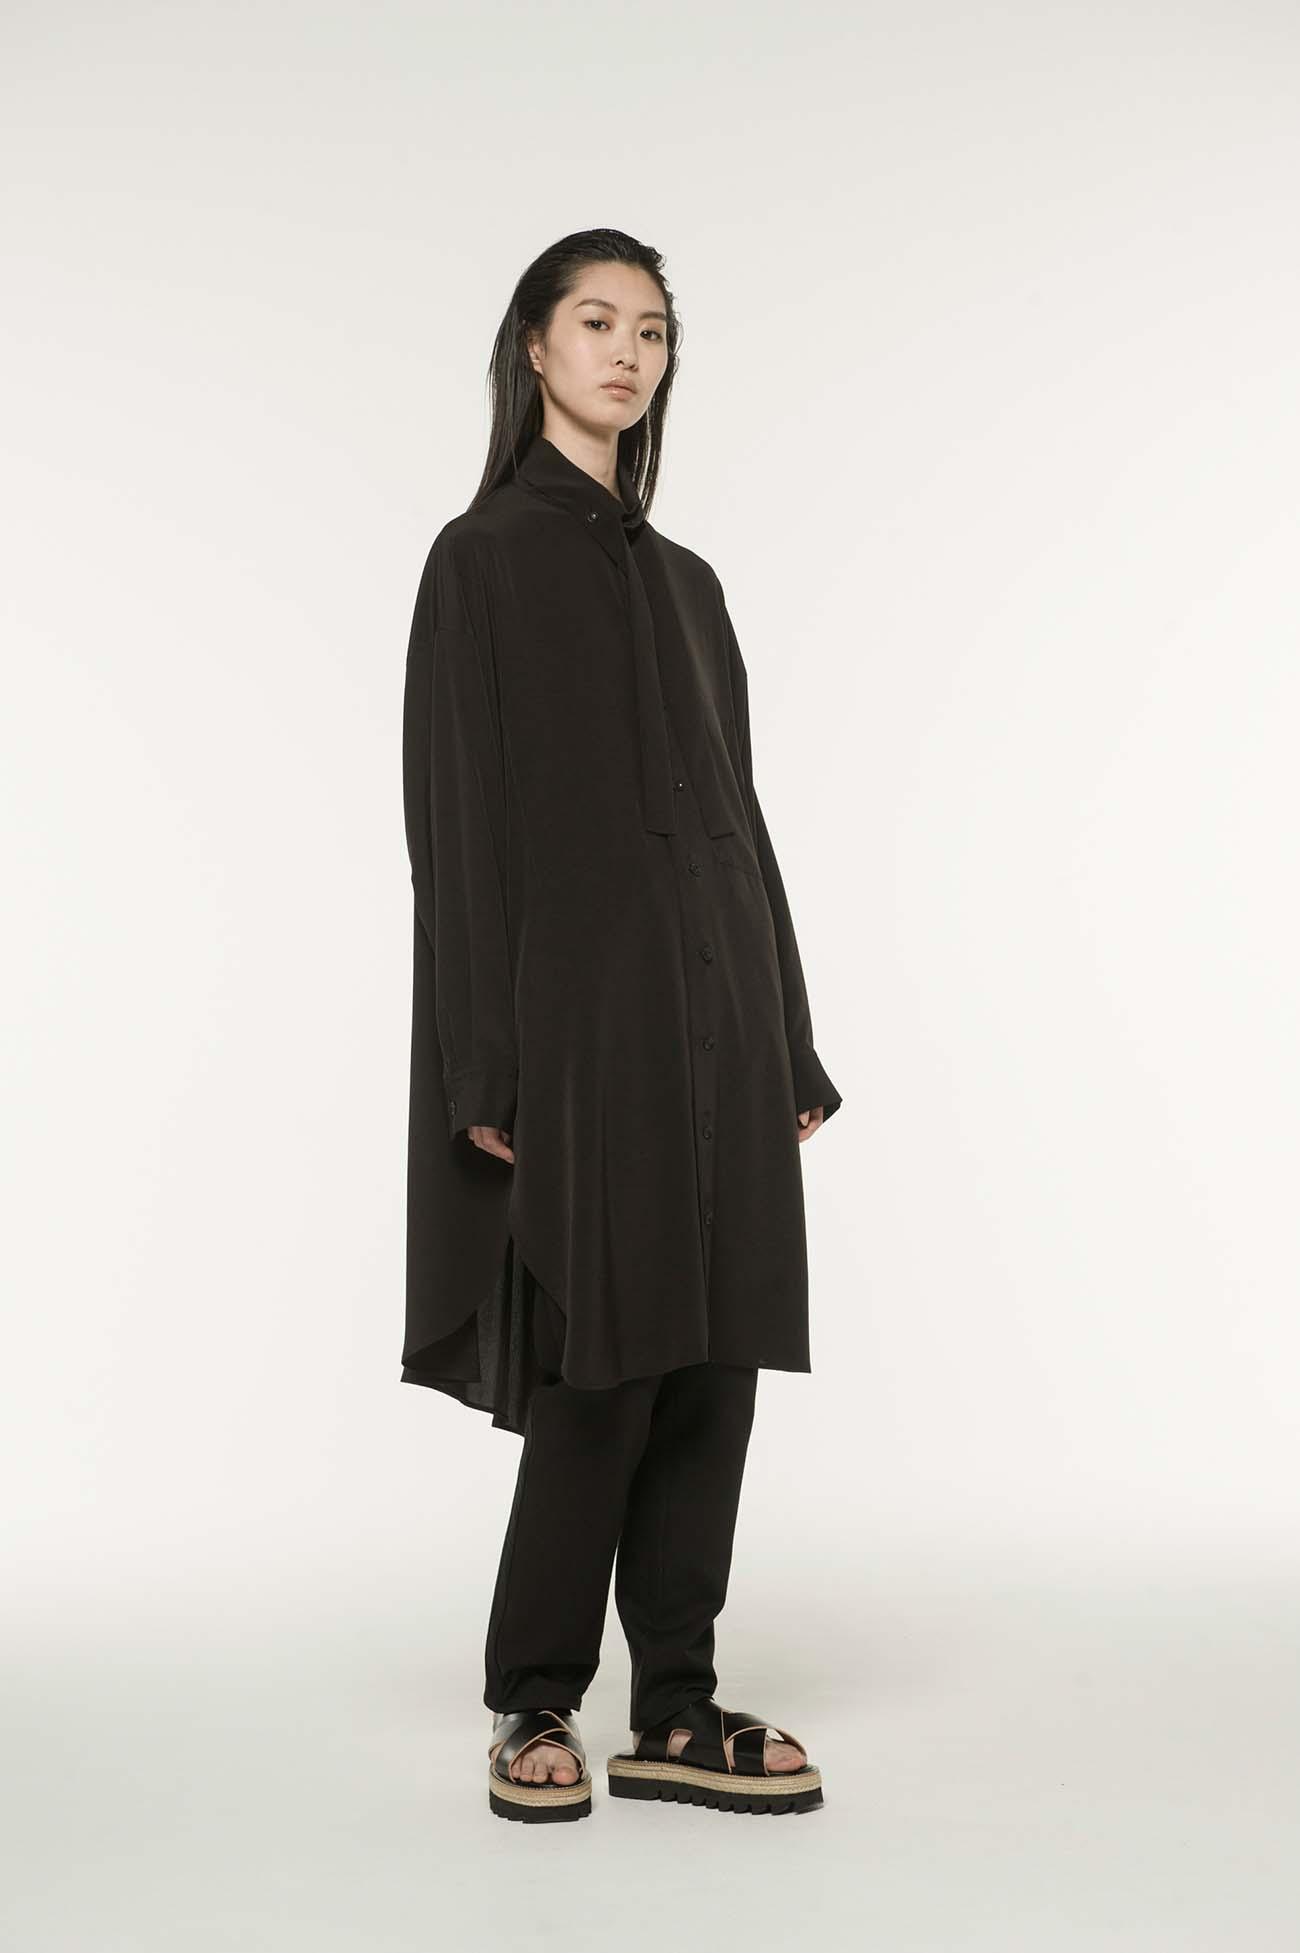 MICHIKObyY's 轻薄混纺·领结衬衫连衣裙